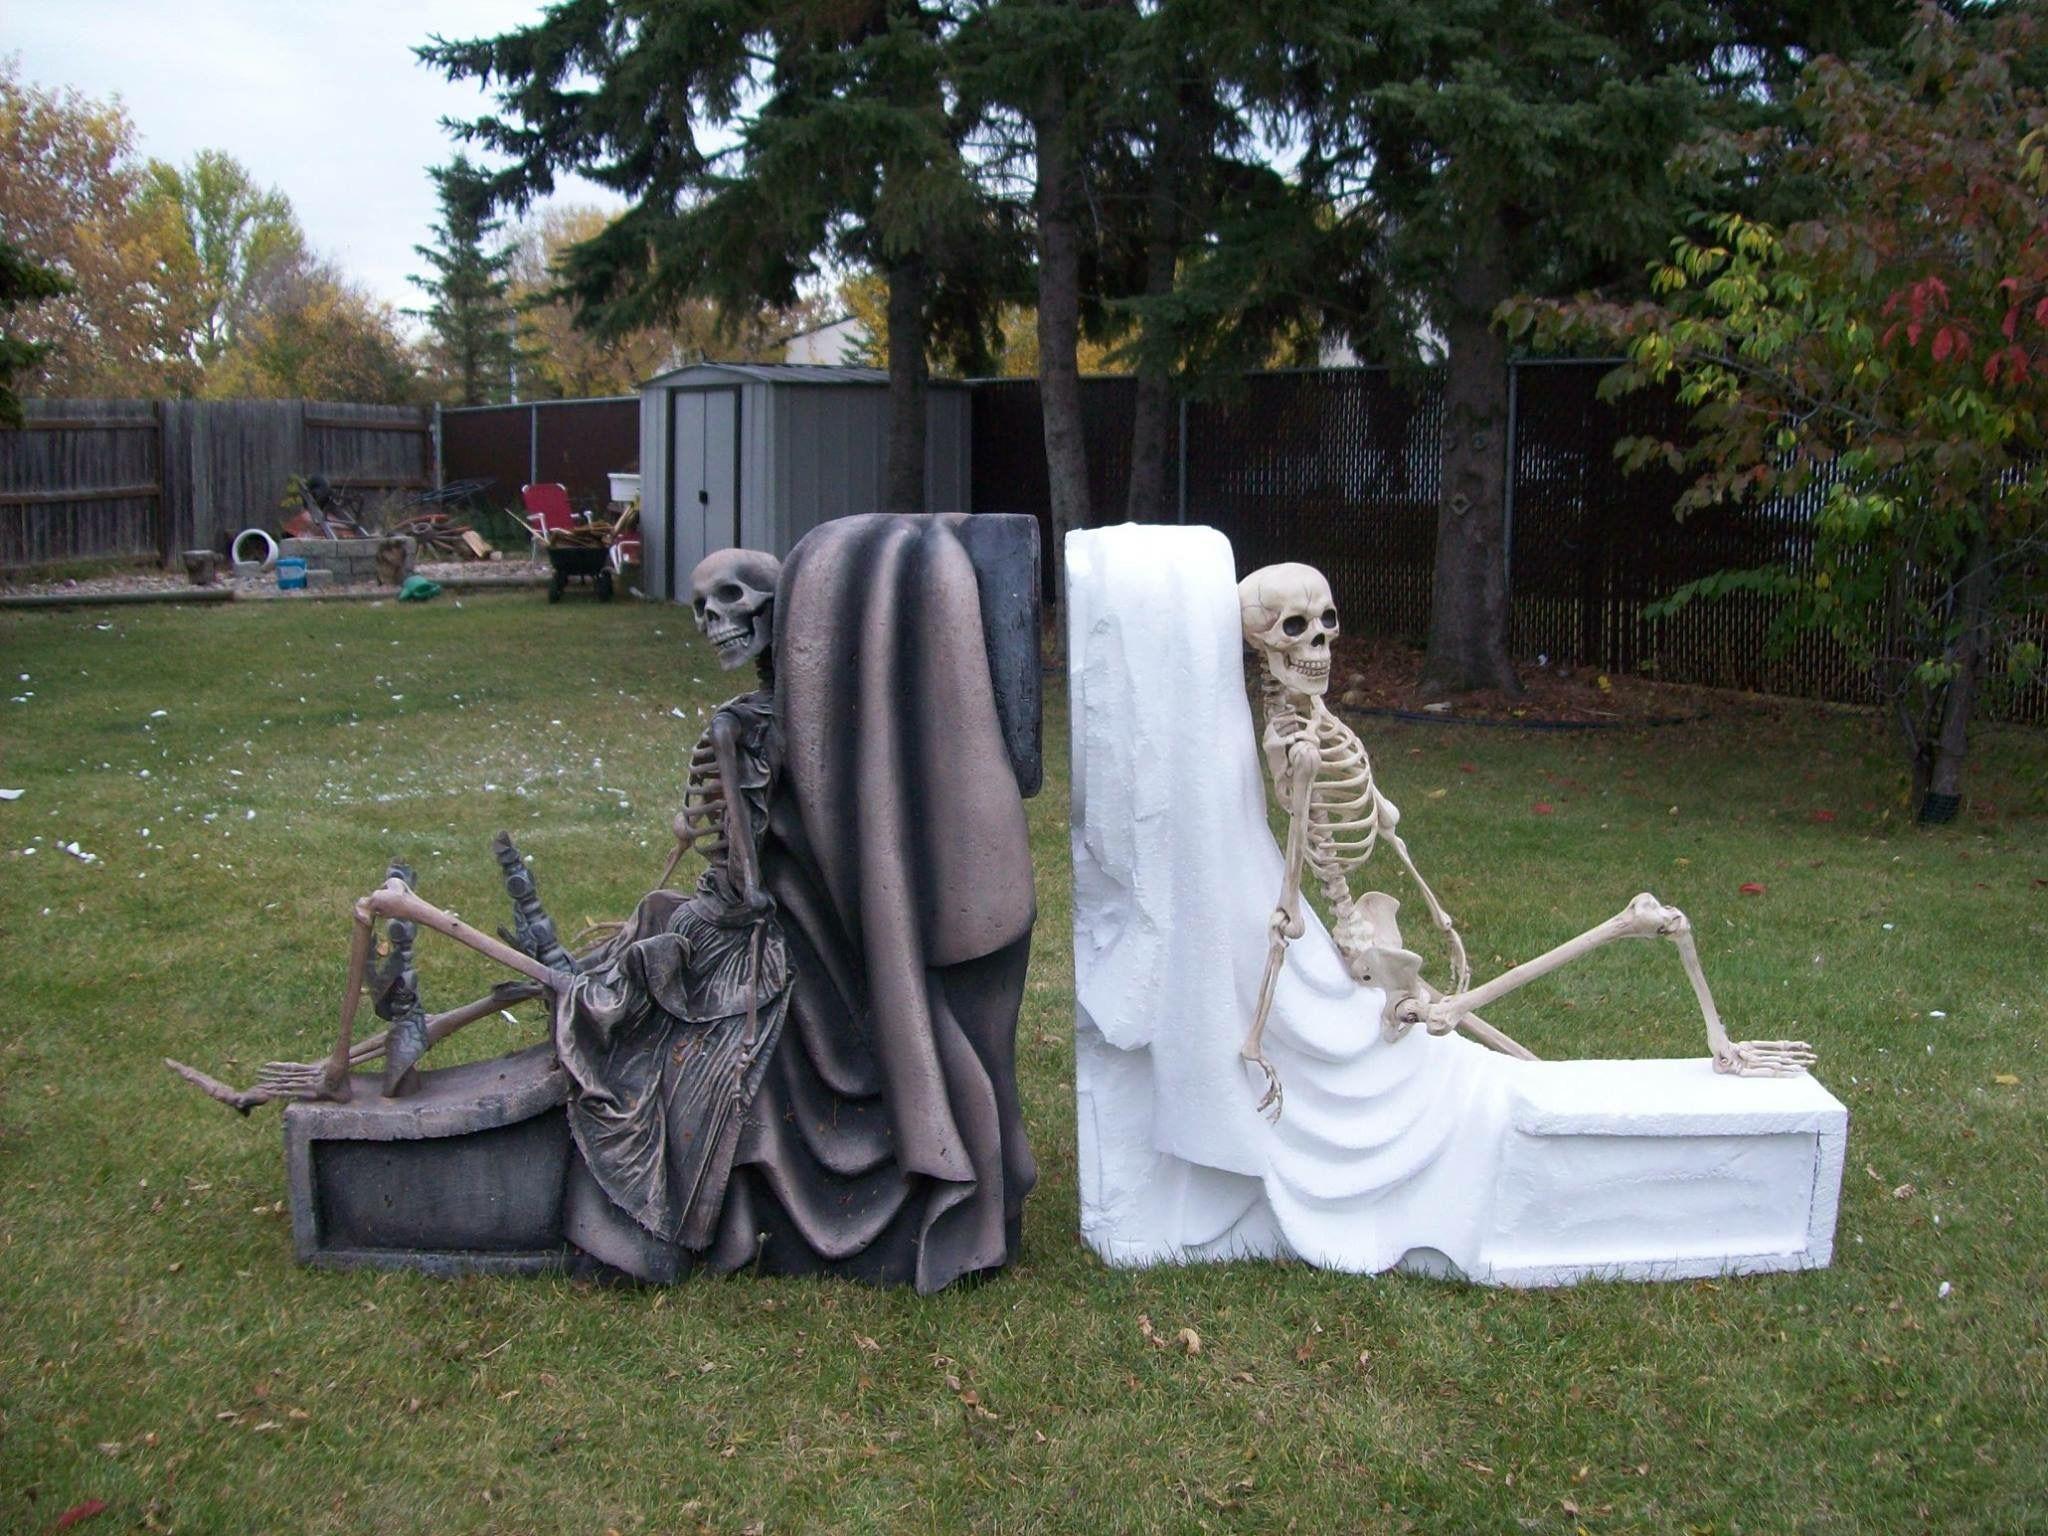 Pin by Malena vallotton on Halloween Pinterest Yard haunt - Halloween Graveyard Decorations